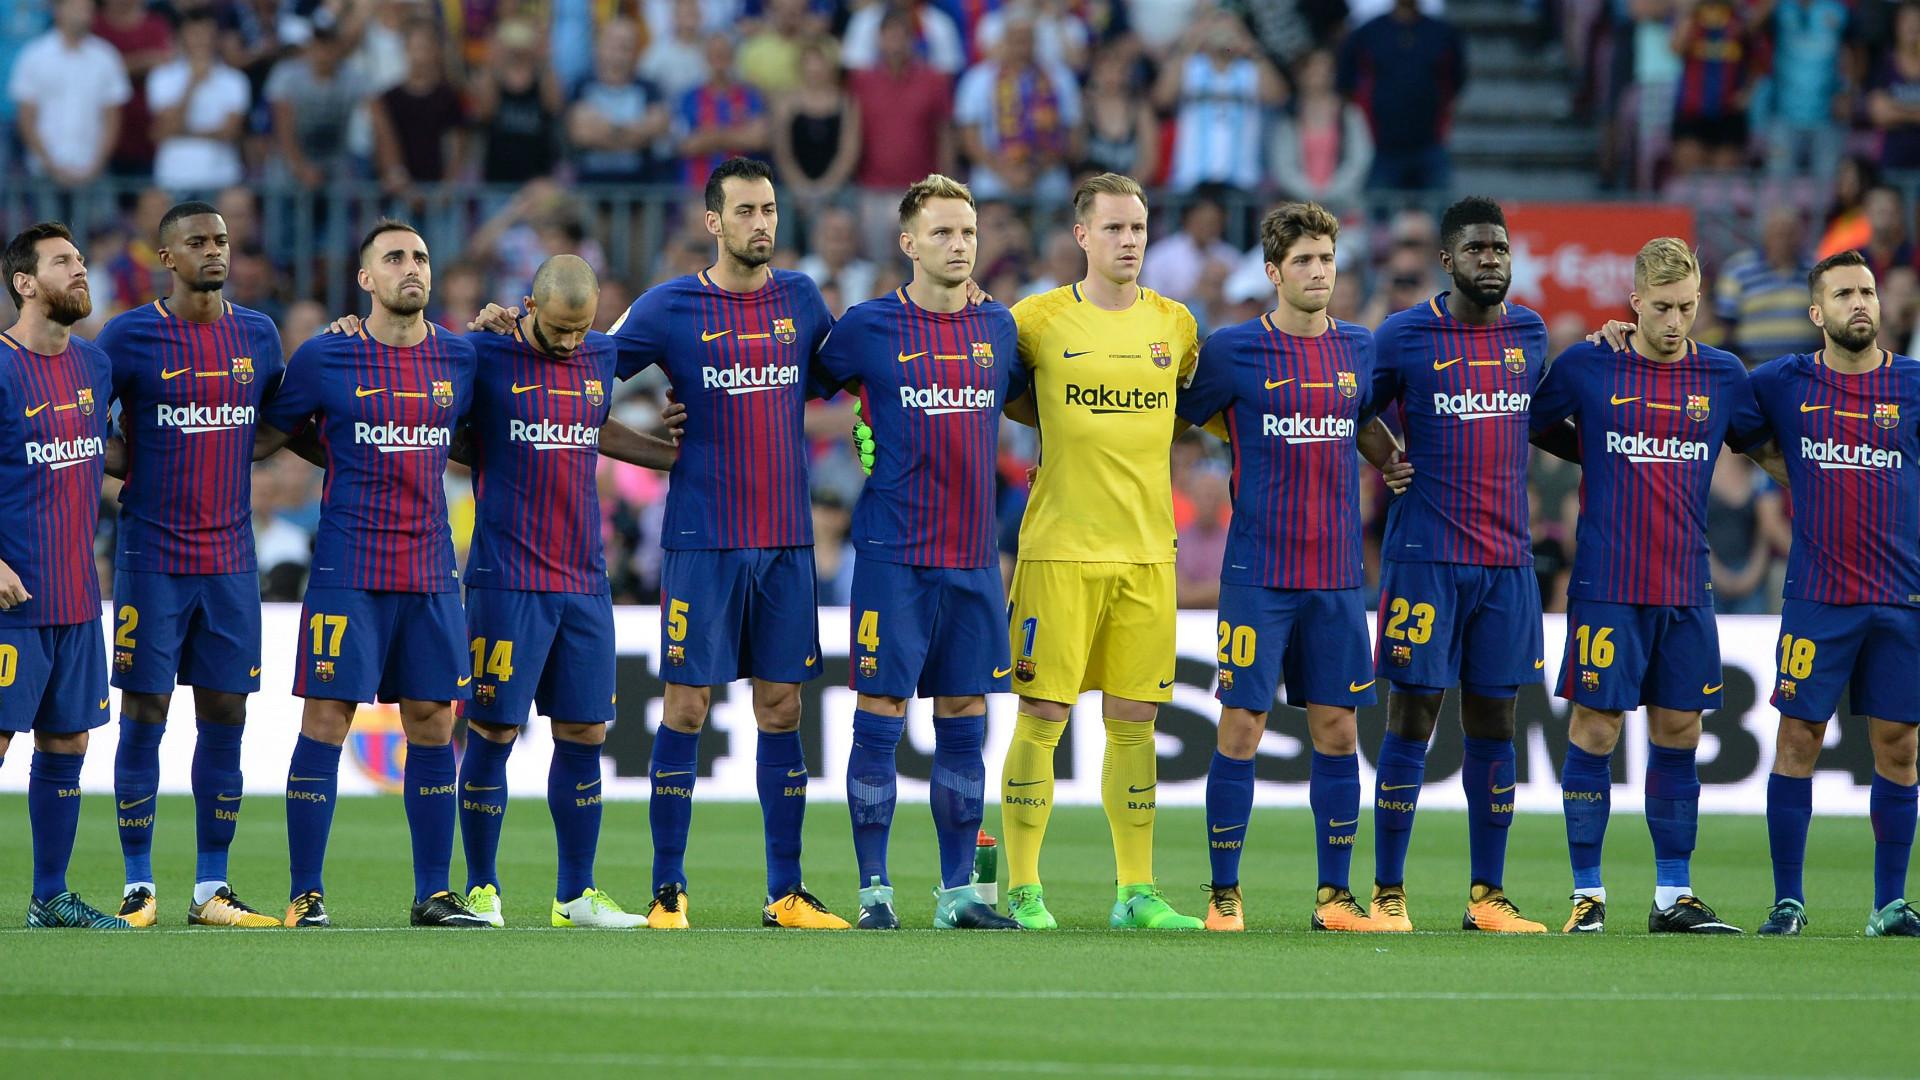 بالصور صور فريق برشلونة , اجدد صور للنادي الاسباني الكاتلوني 4413 1